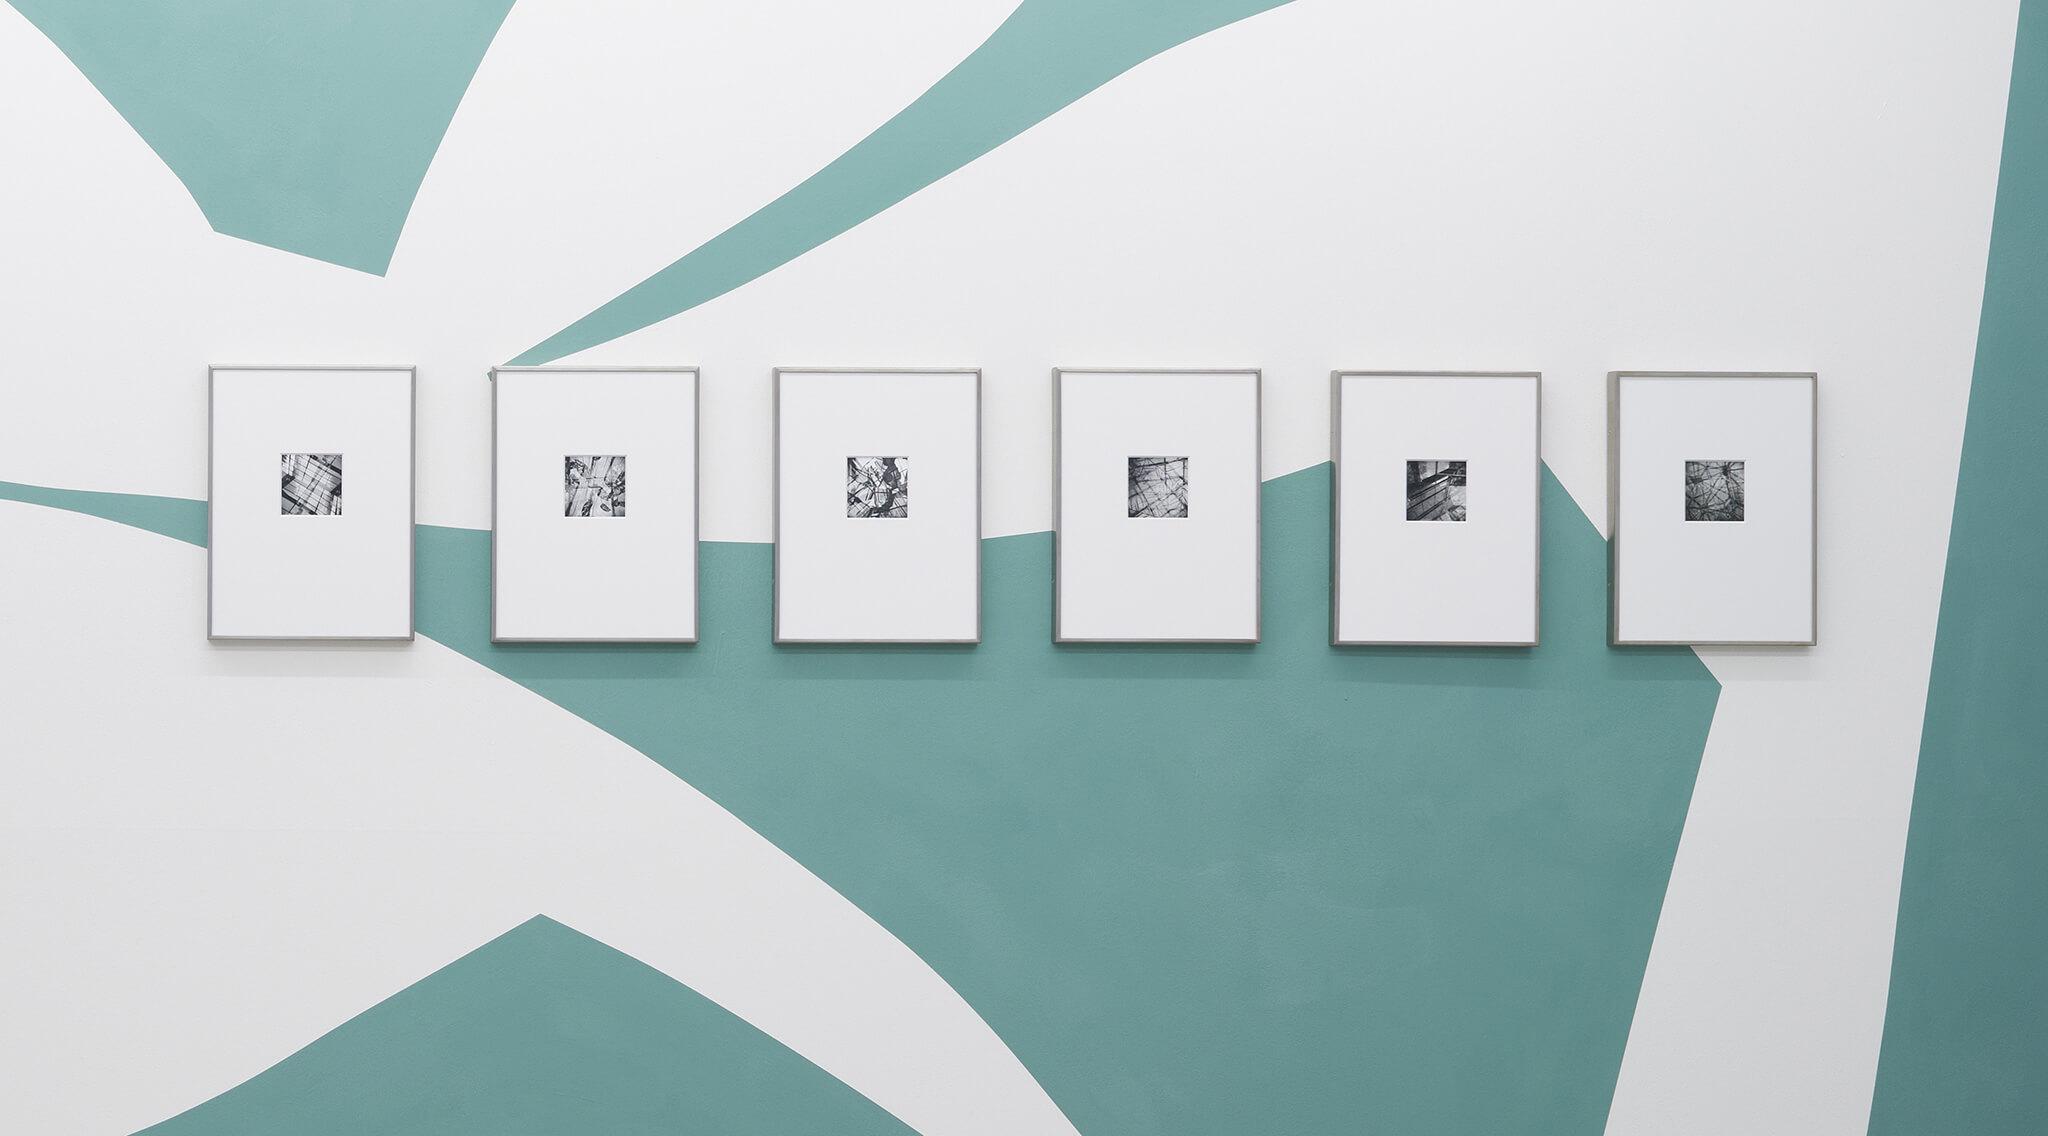 121_Frauke-Dannert_Collage_Ausstellung_Wandmalerei_botanicals_Rupert-Pfab-Düsseldorf_-2017